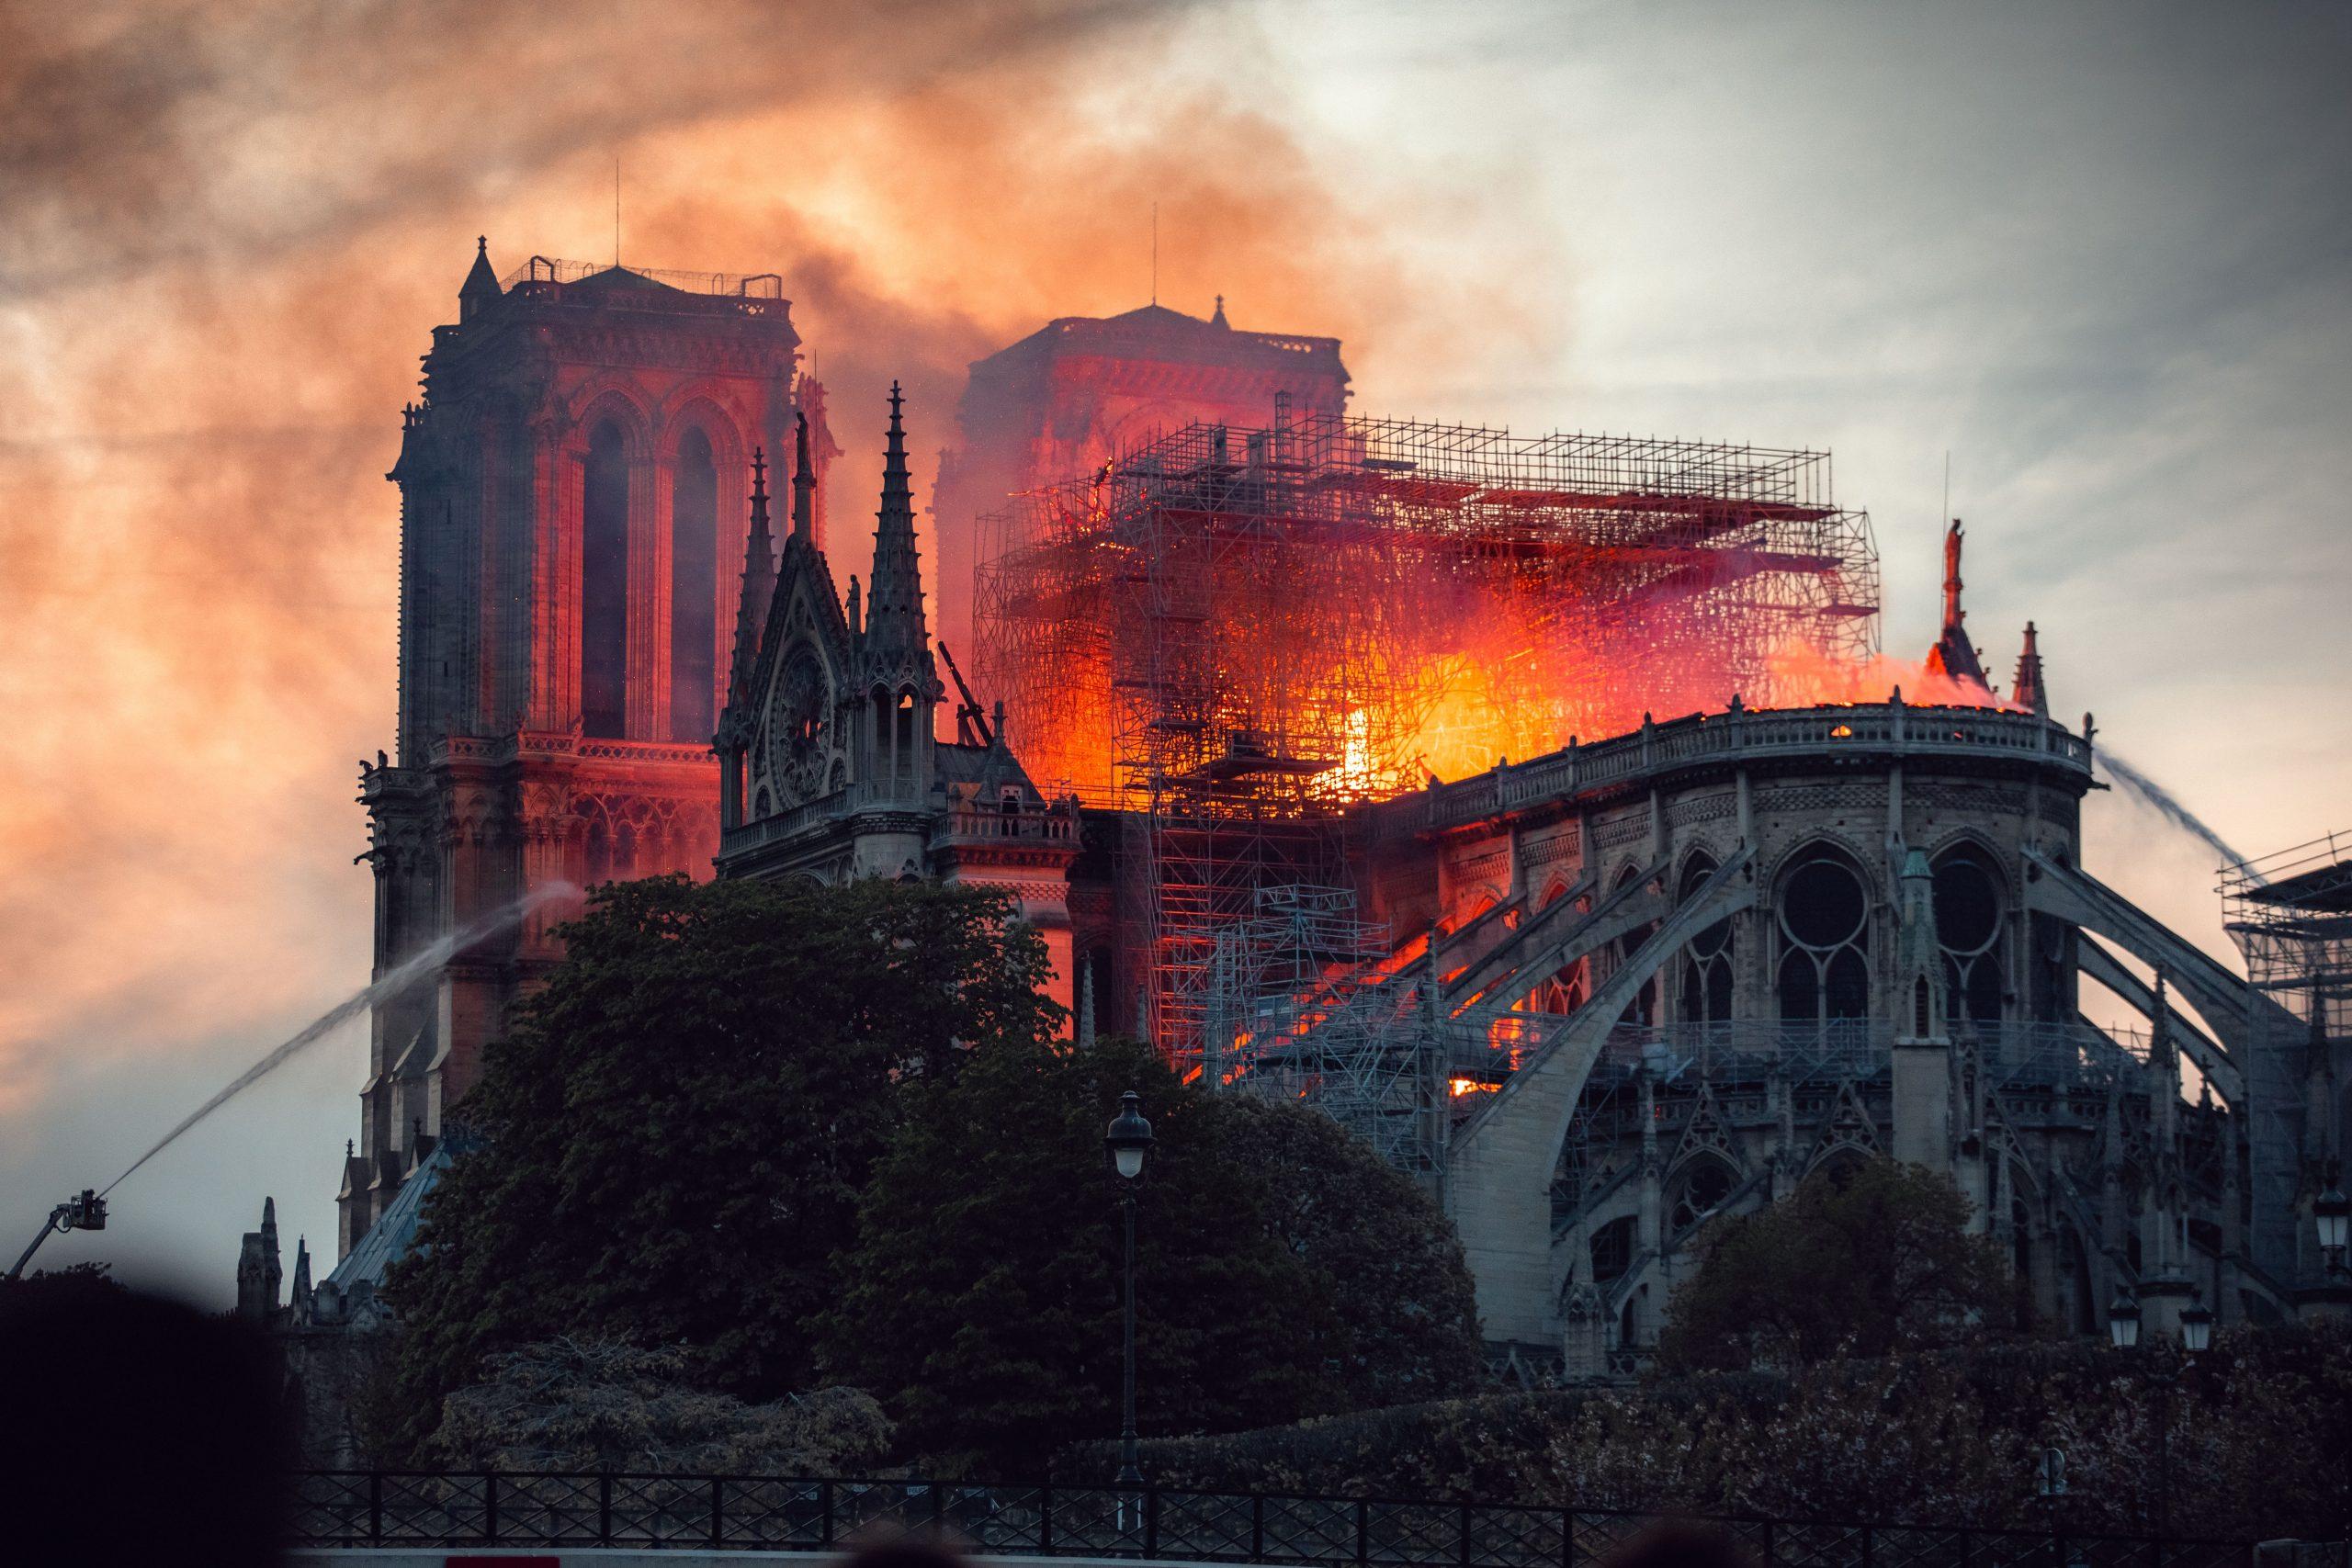 Frankreich brannte und brennt….: So stürzt man eine Rentenreform